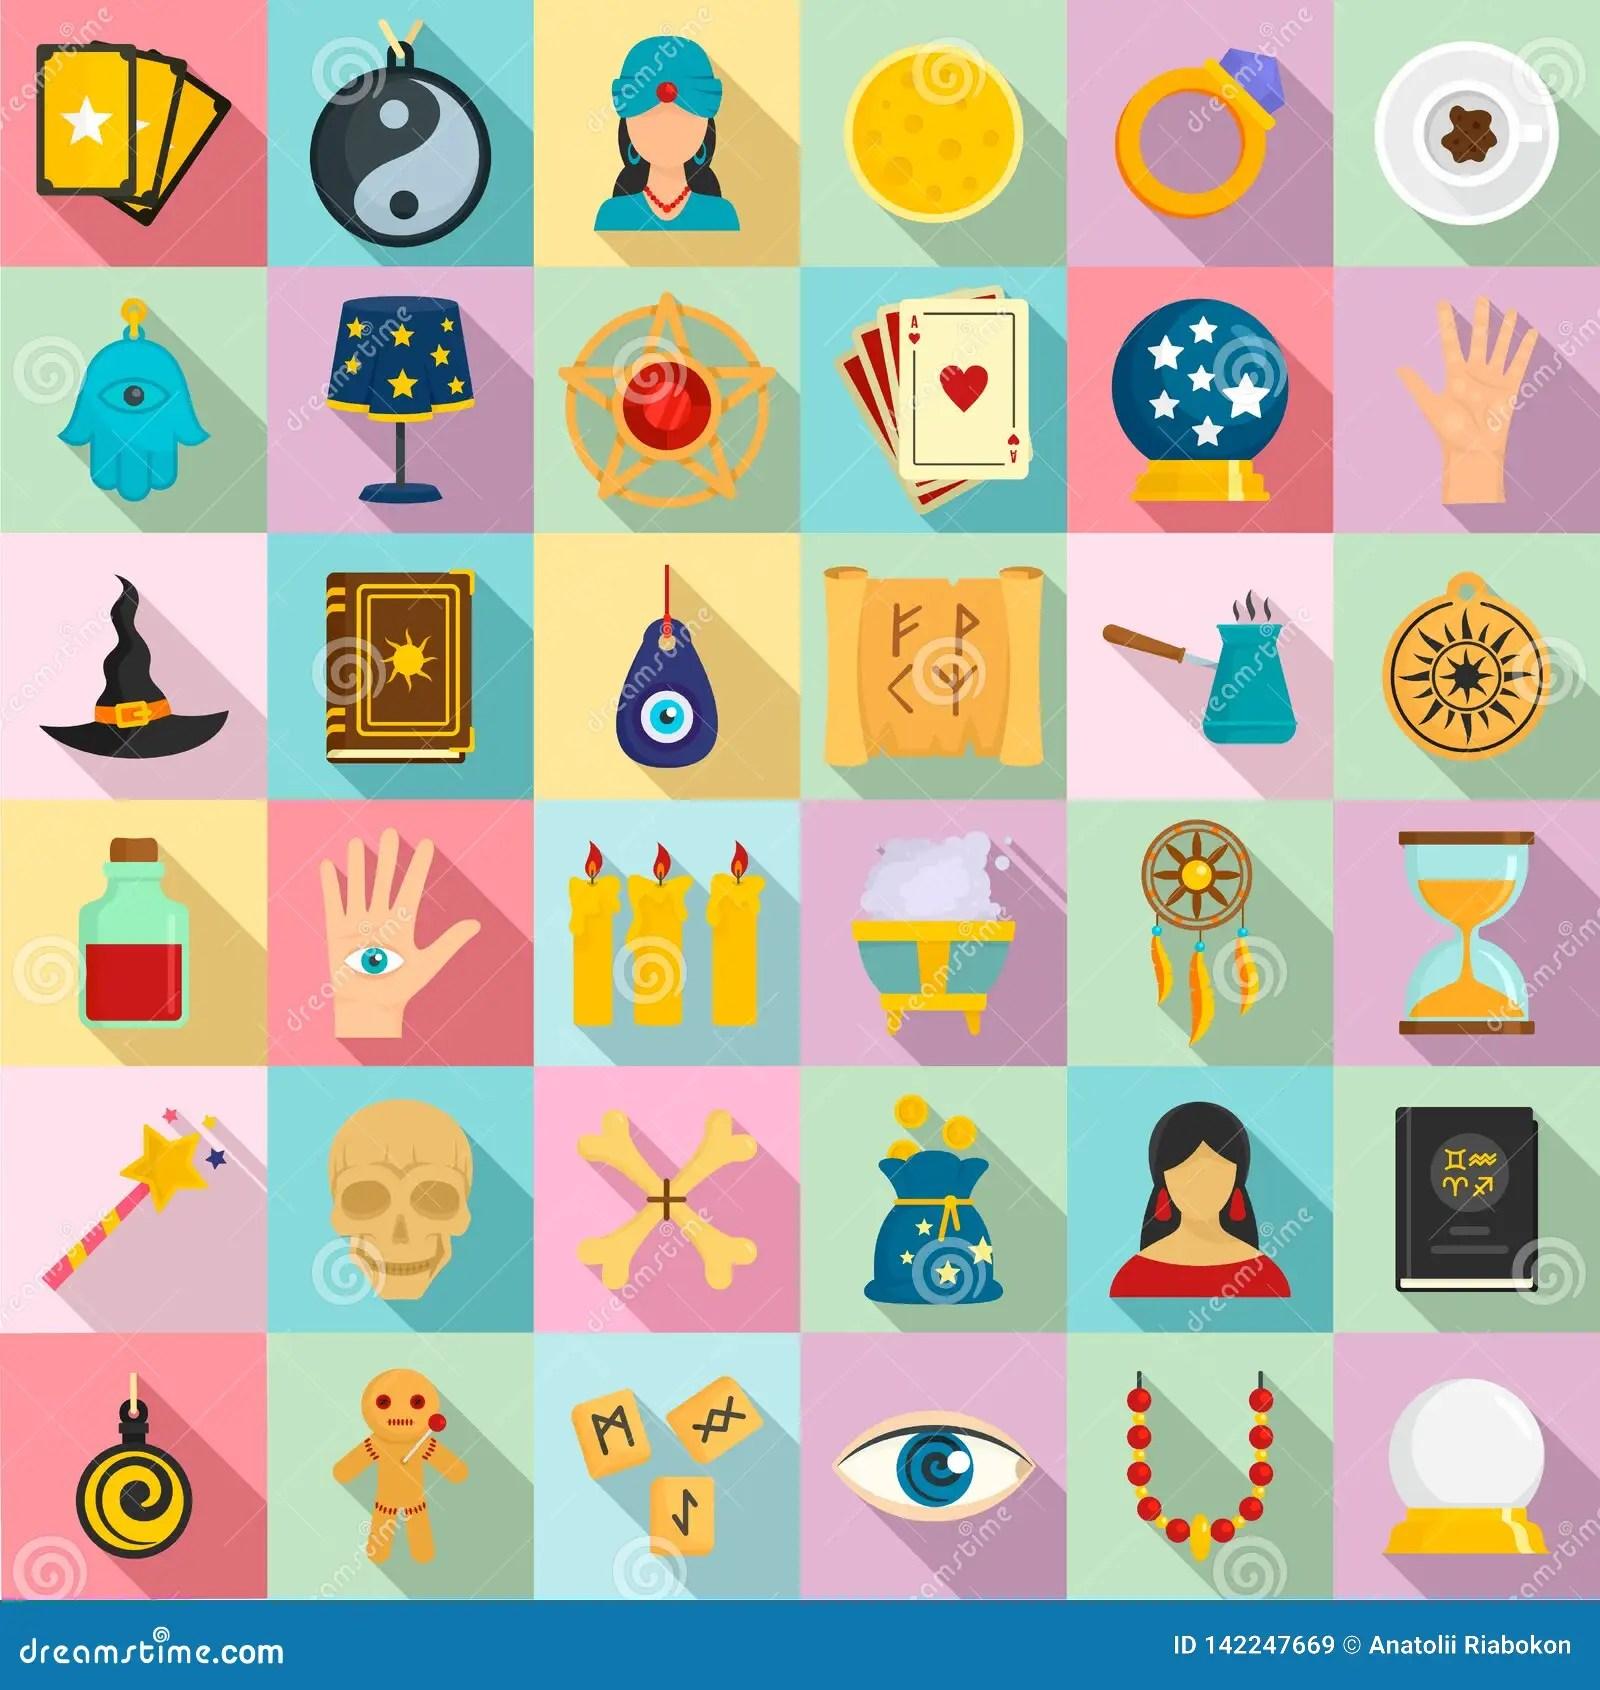 magic fortune teller icons